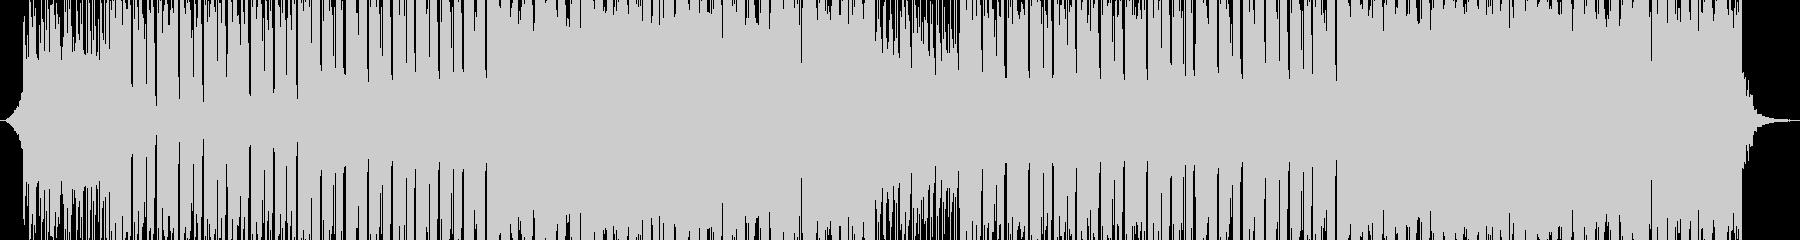 明るく軽快なポップロックの未再生の波形